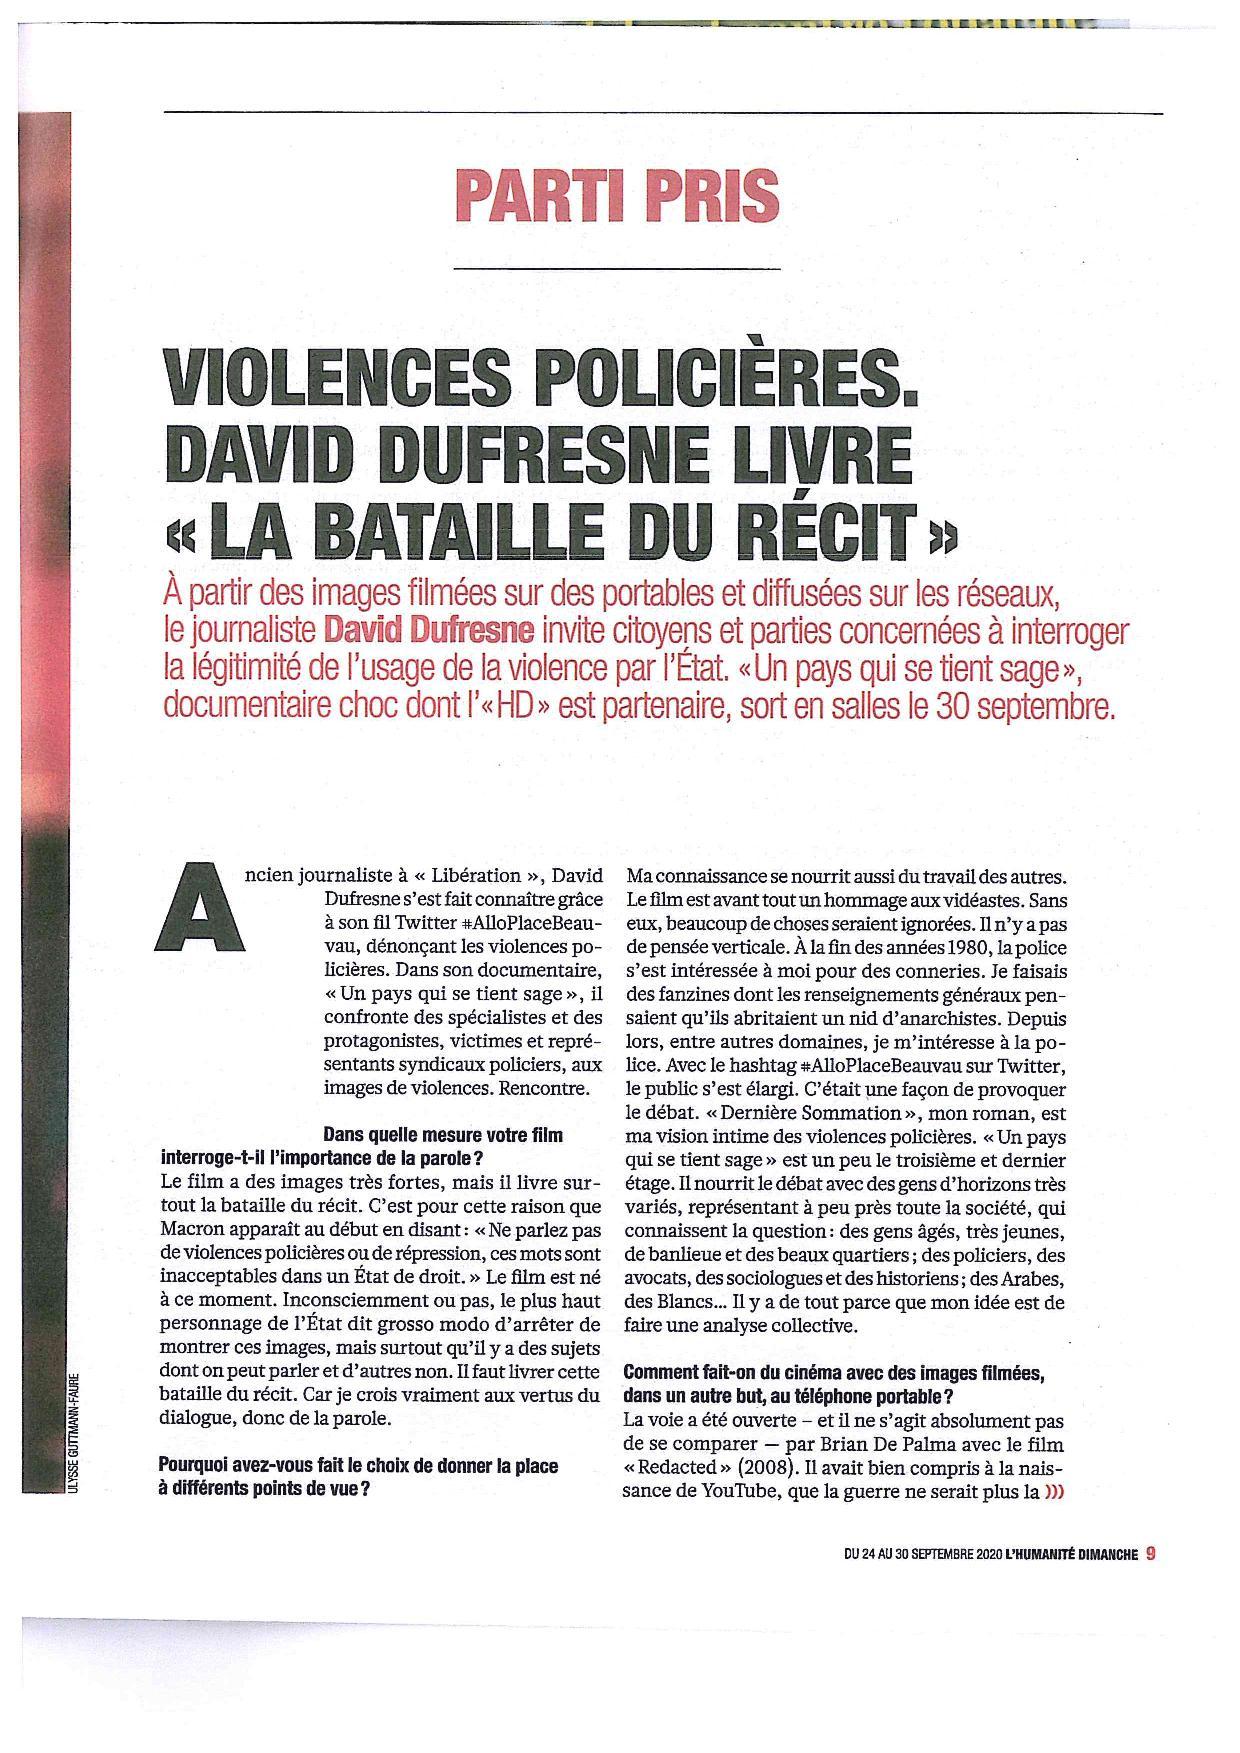 violences_policières-page-001.jpg